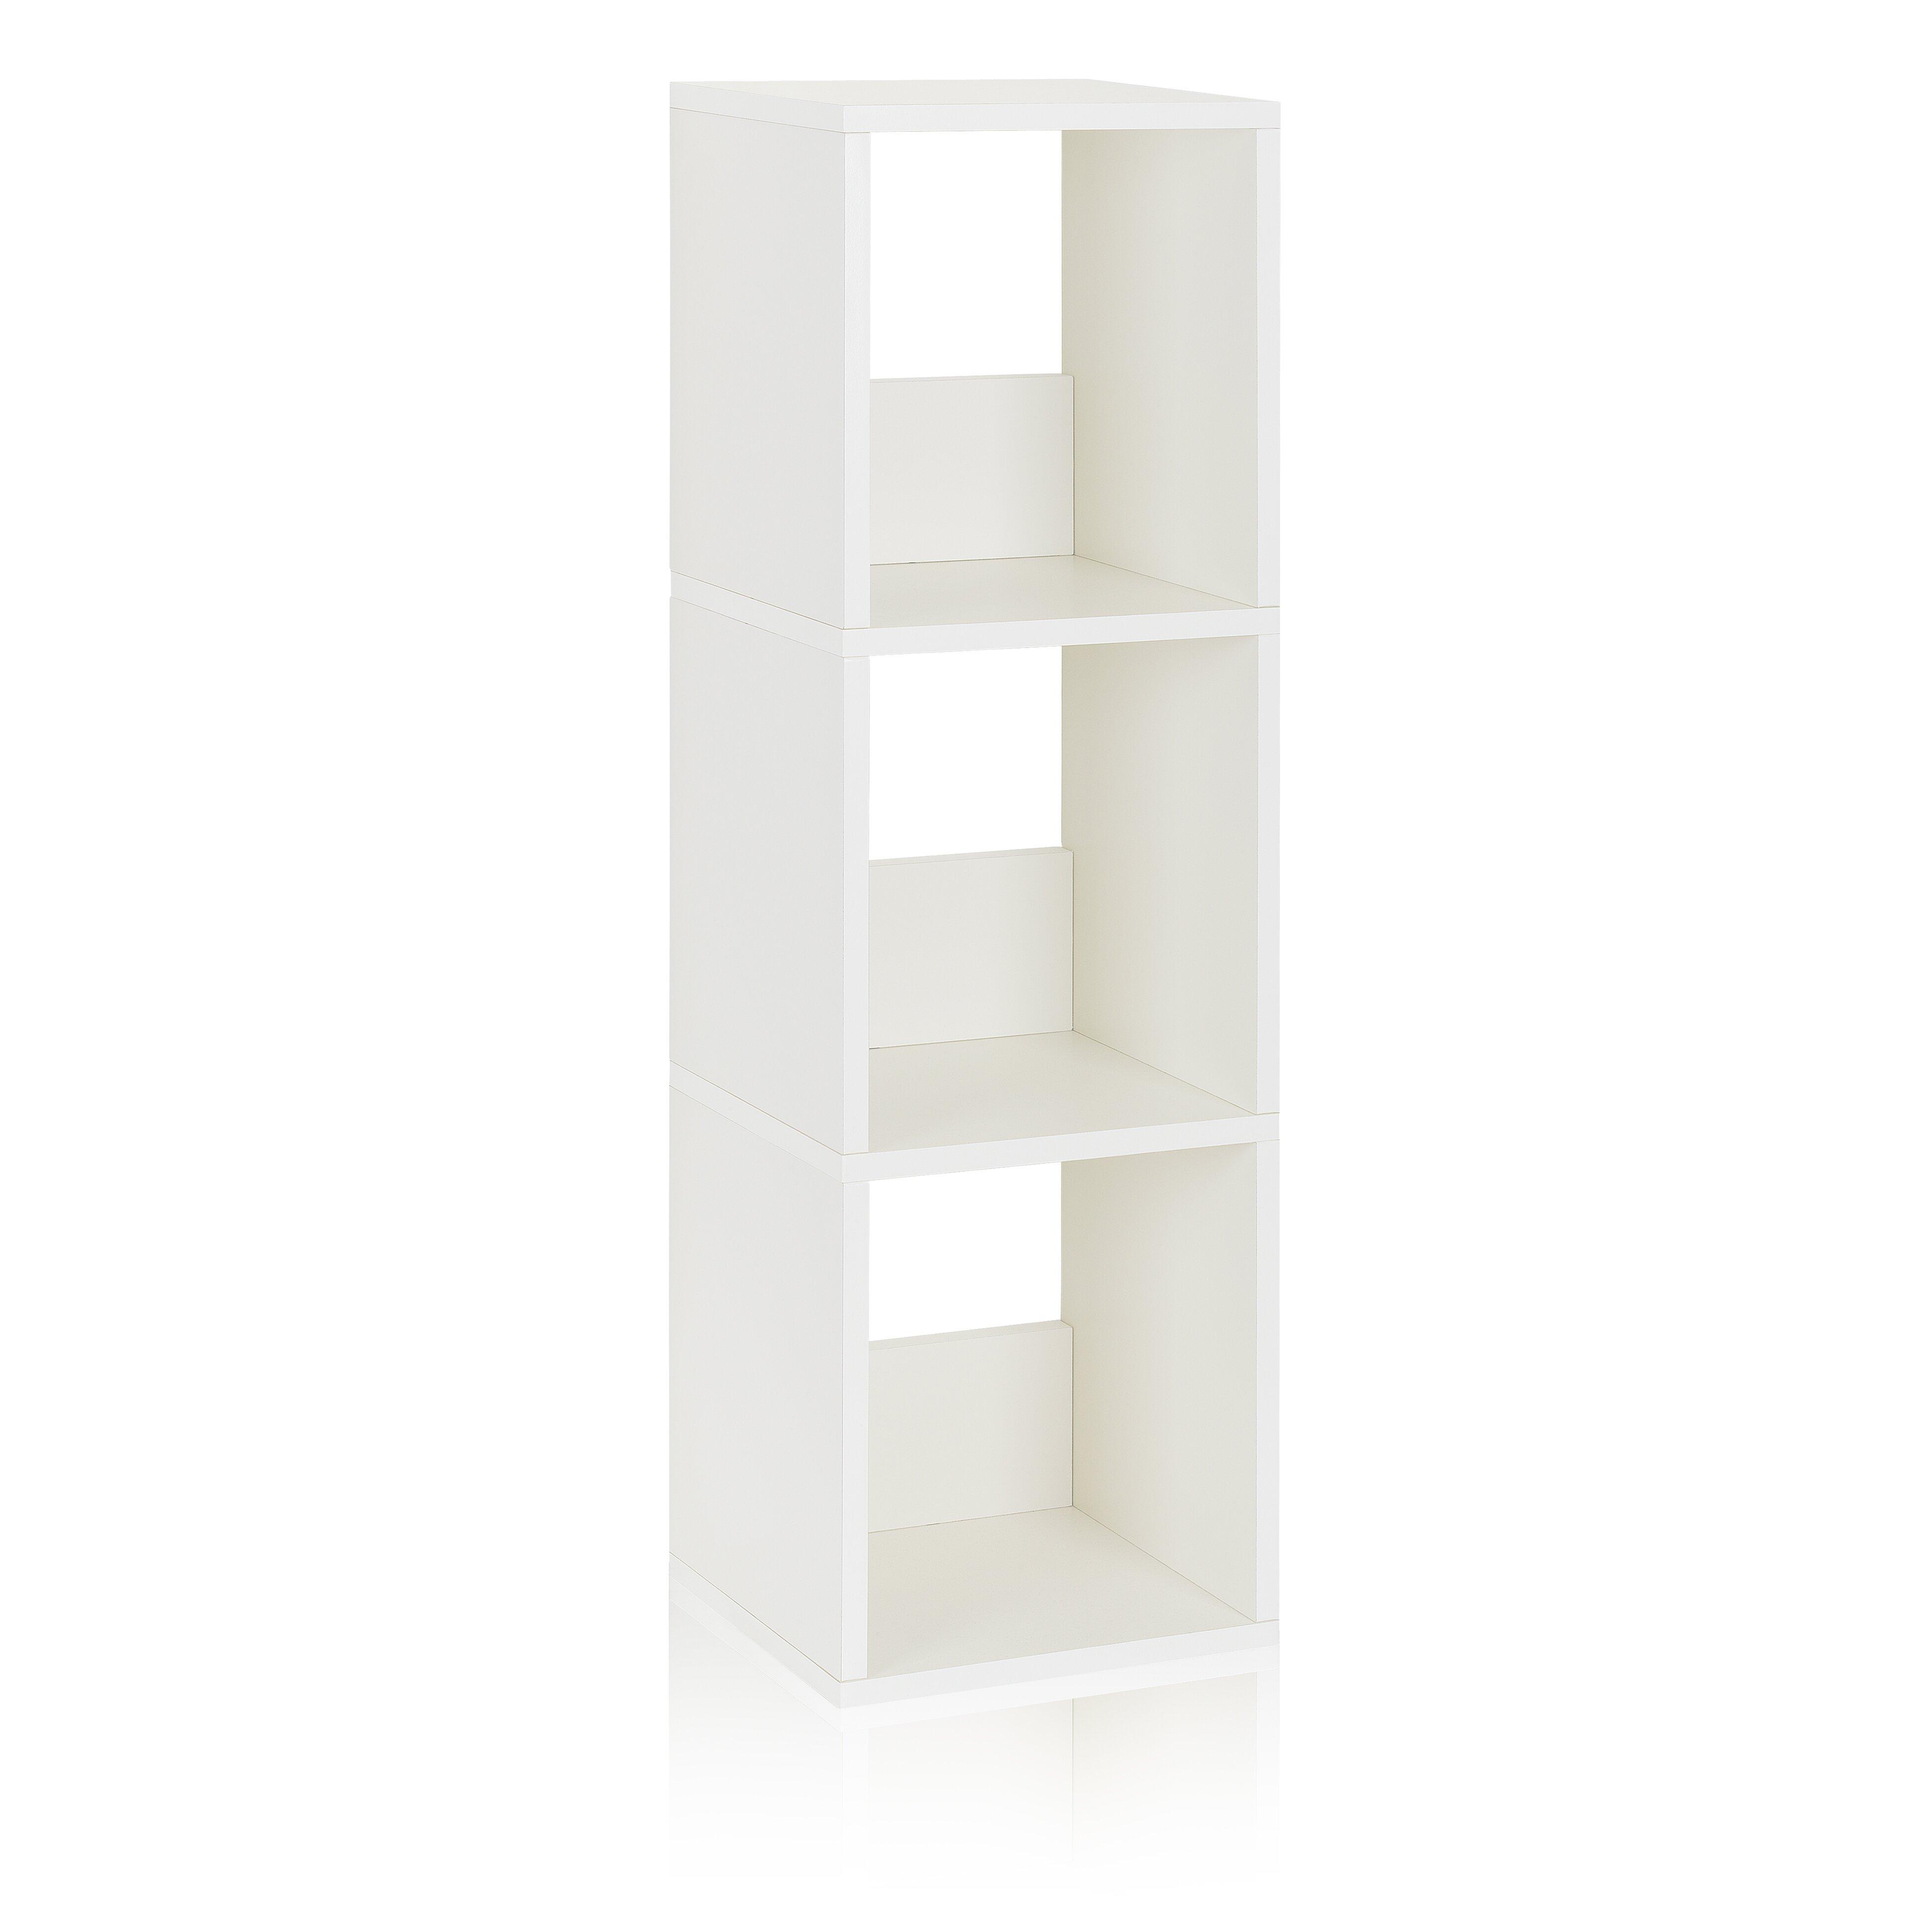 Way Basics Zboard Storage Trio Eco 3 Shelf Narrow 45 Cube